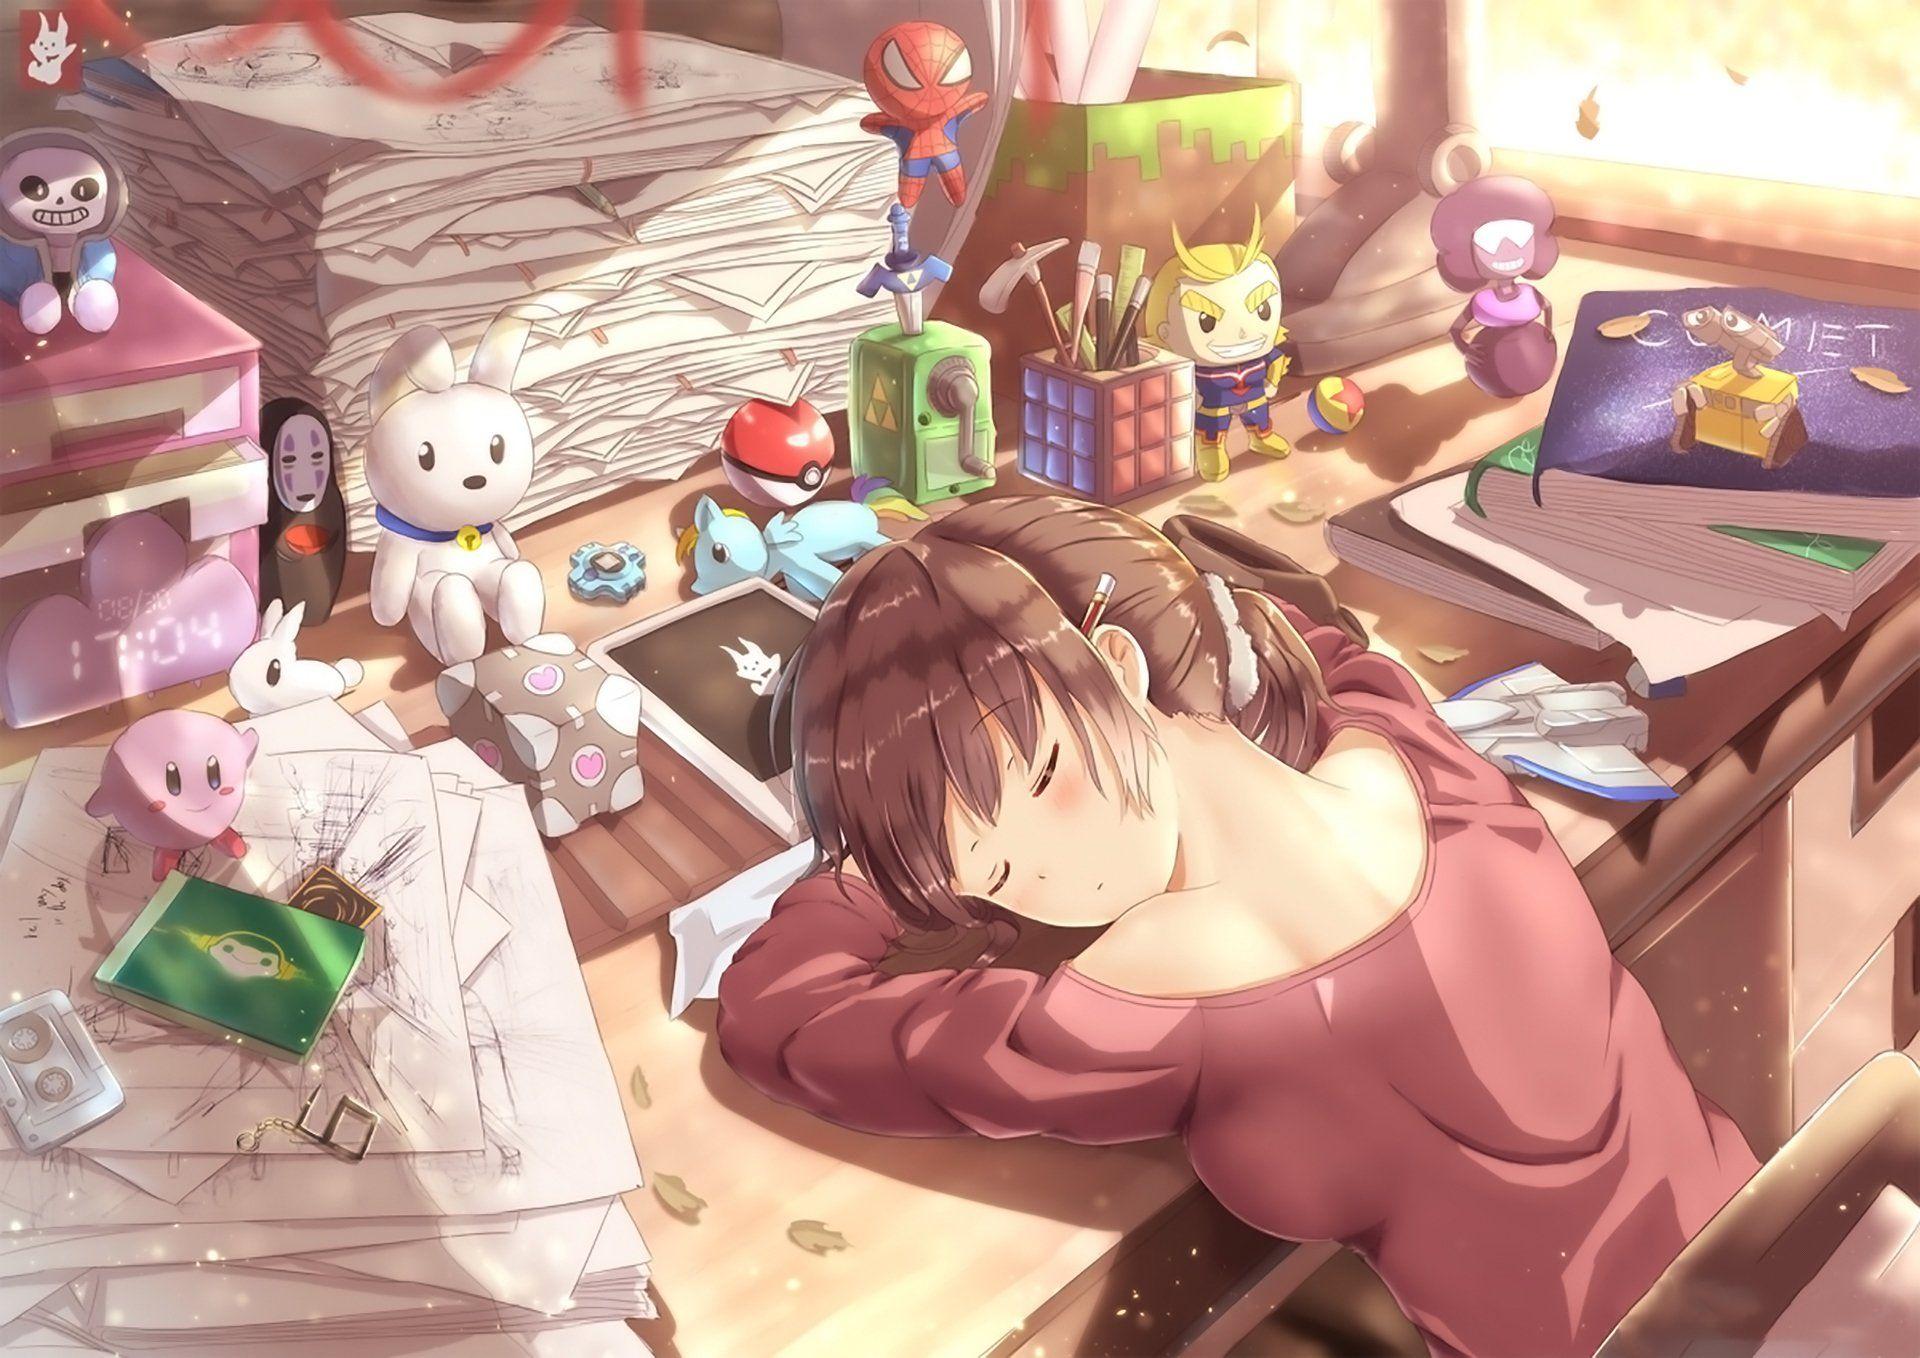 Anime Original Girl Desk Sleeping Wallpaper Relaxing Music Sleep Anime Relaxing Music